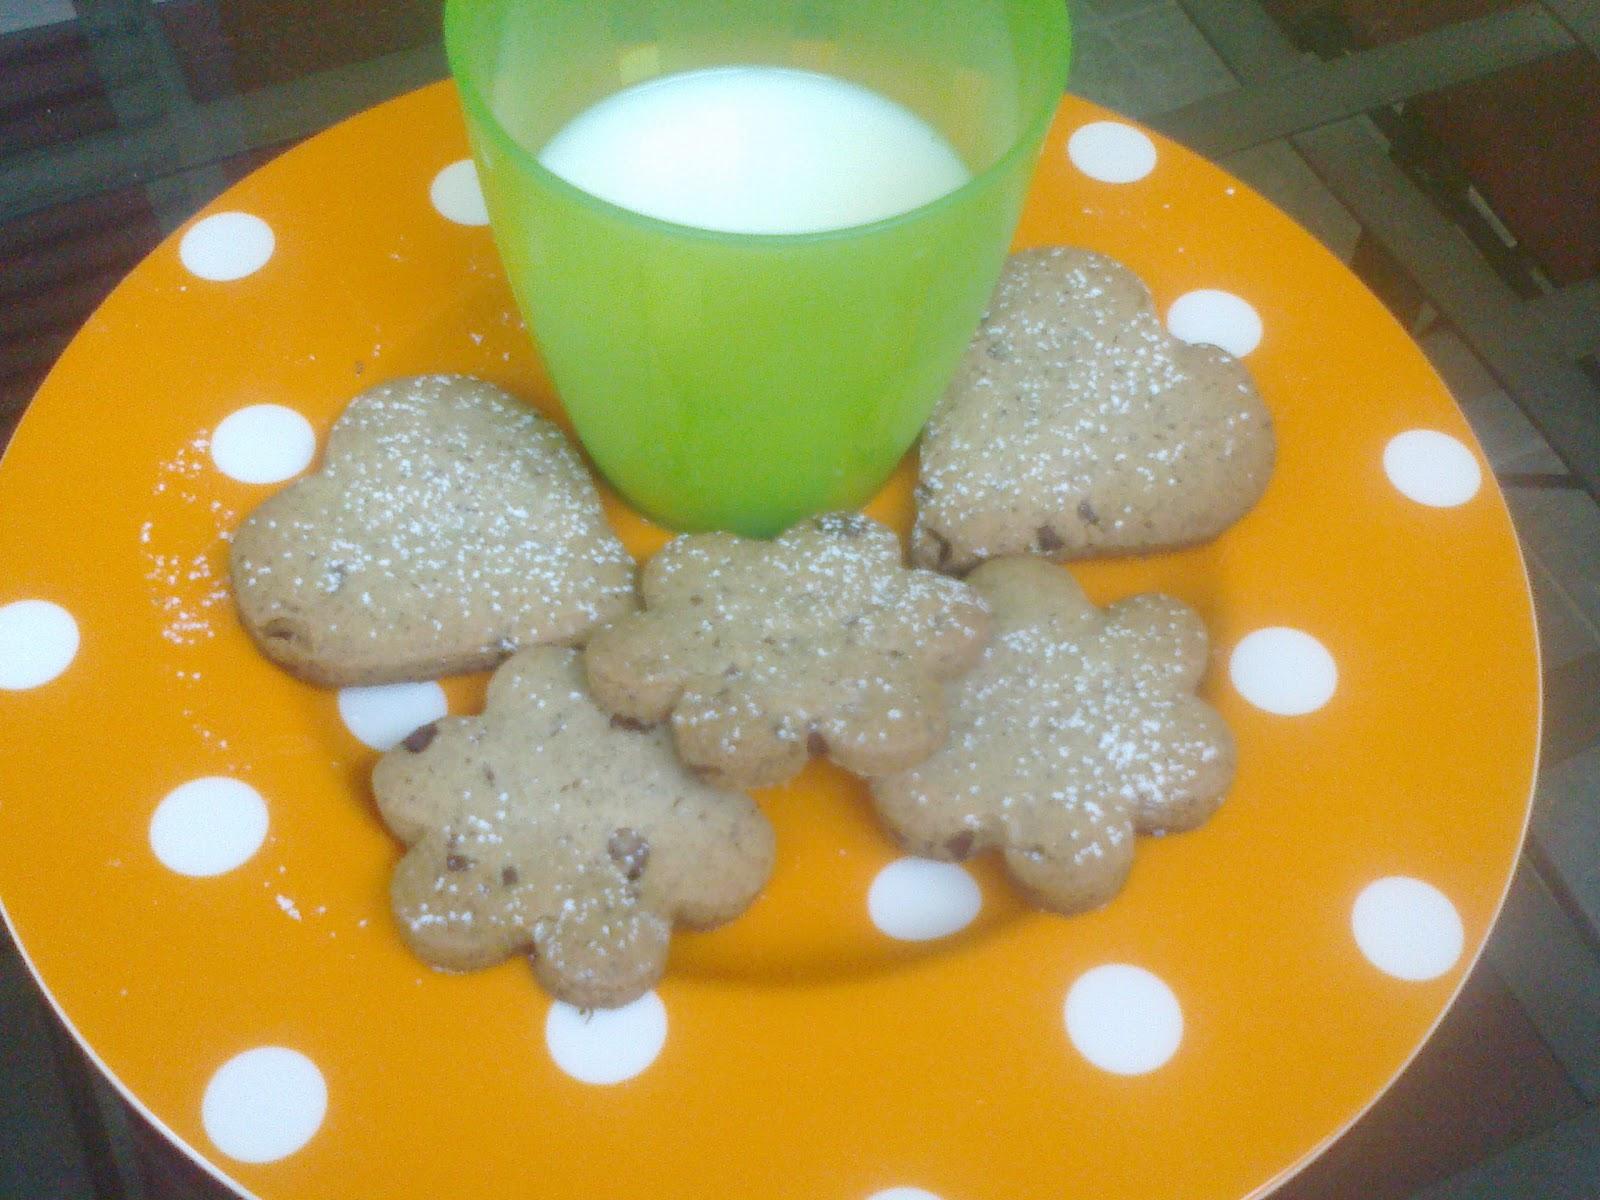 Cavoli A Merenda Biscotti Di Frolla Di Grano Saraceno Senza Uova E